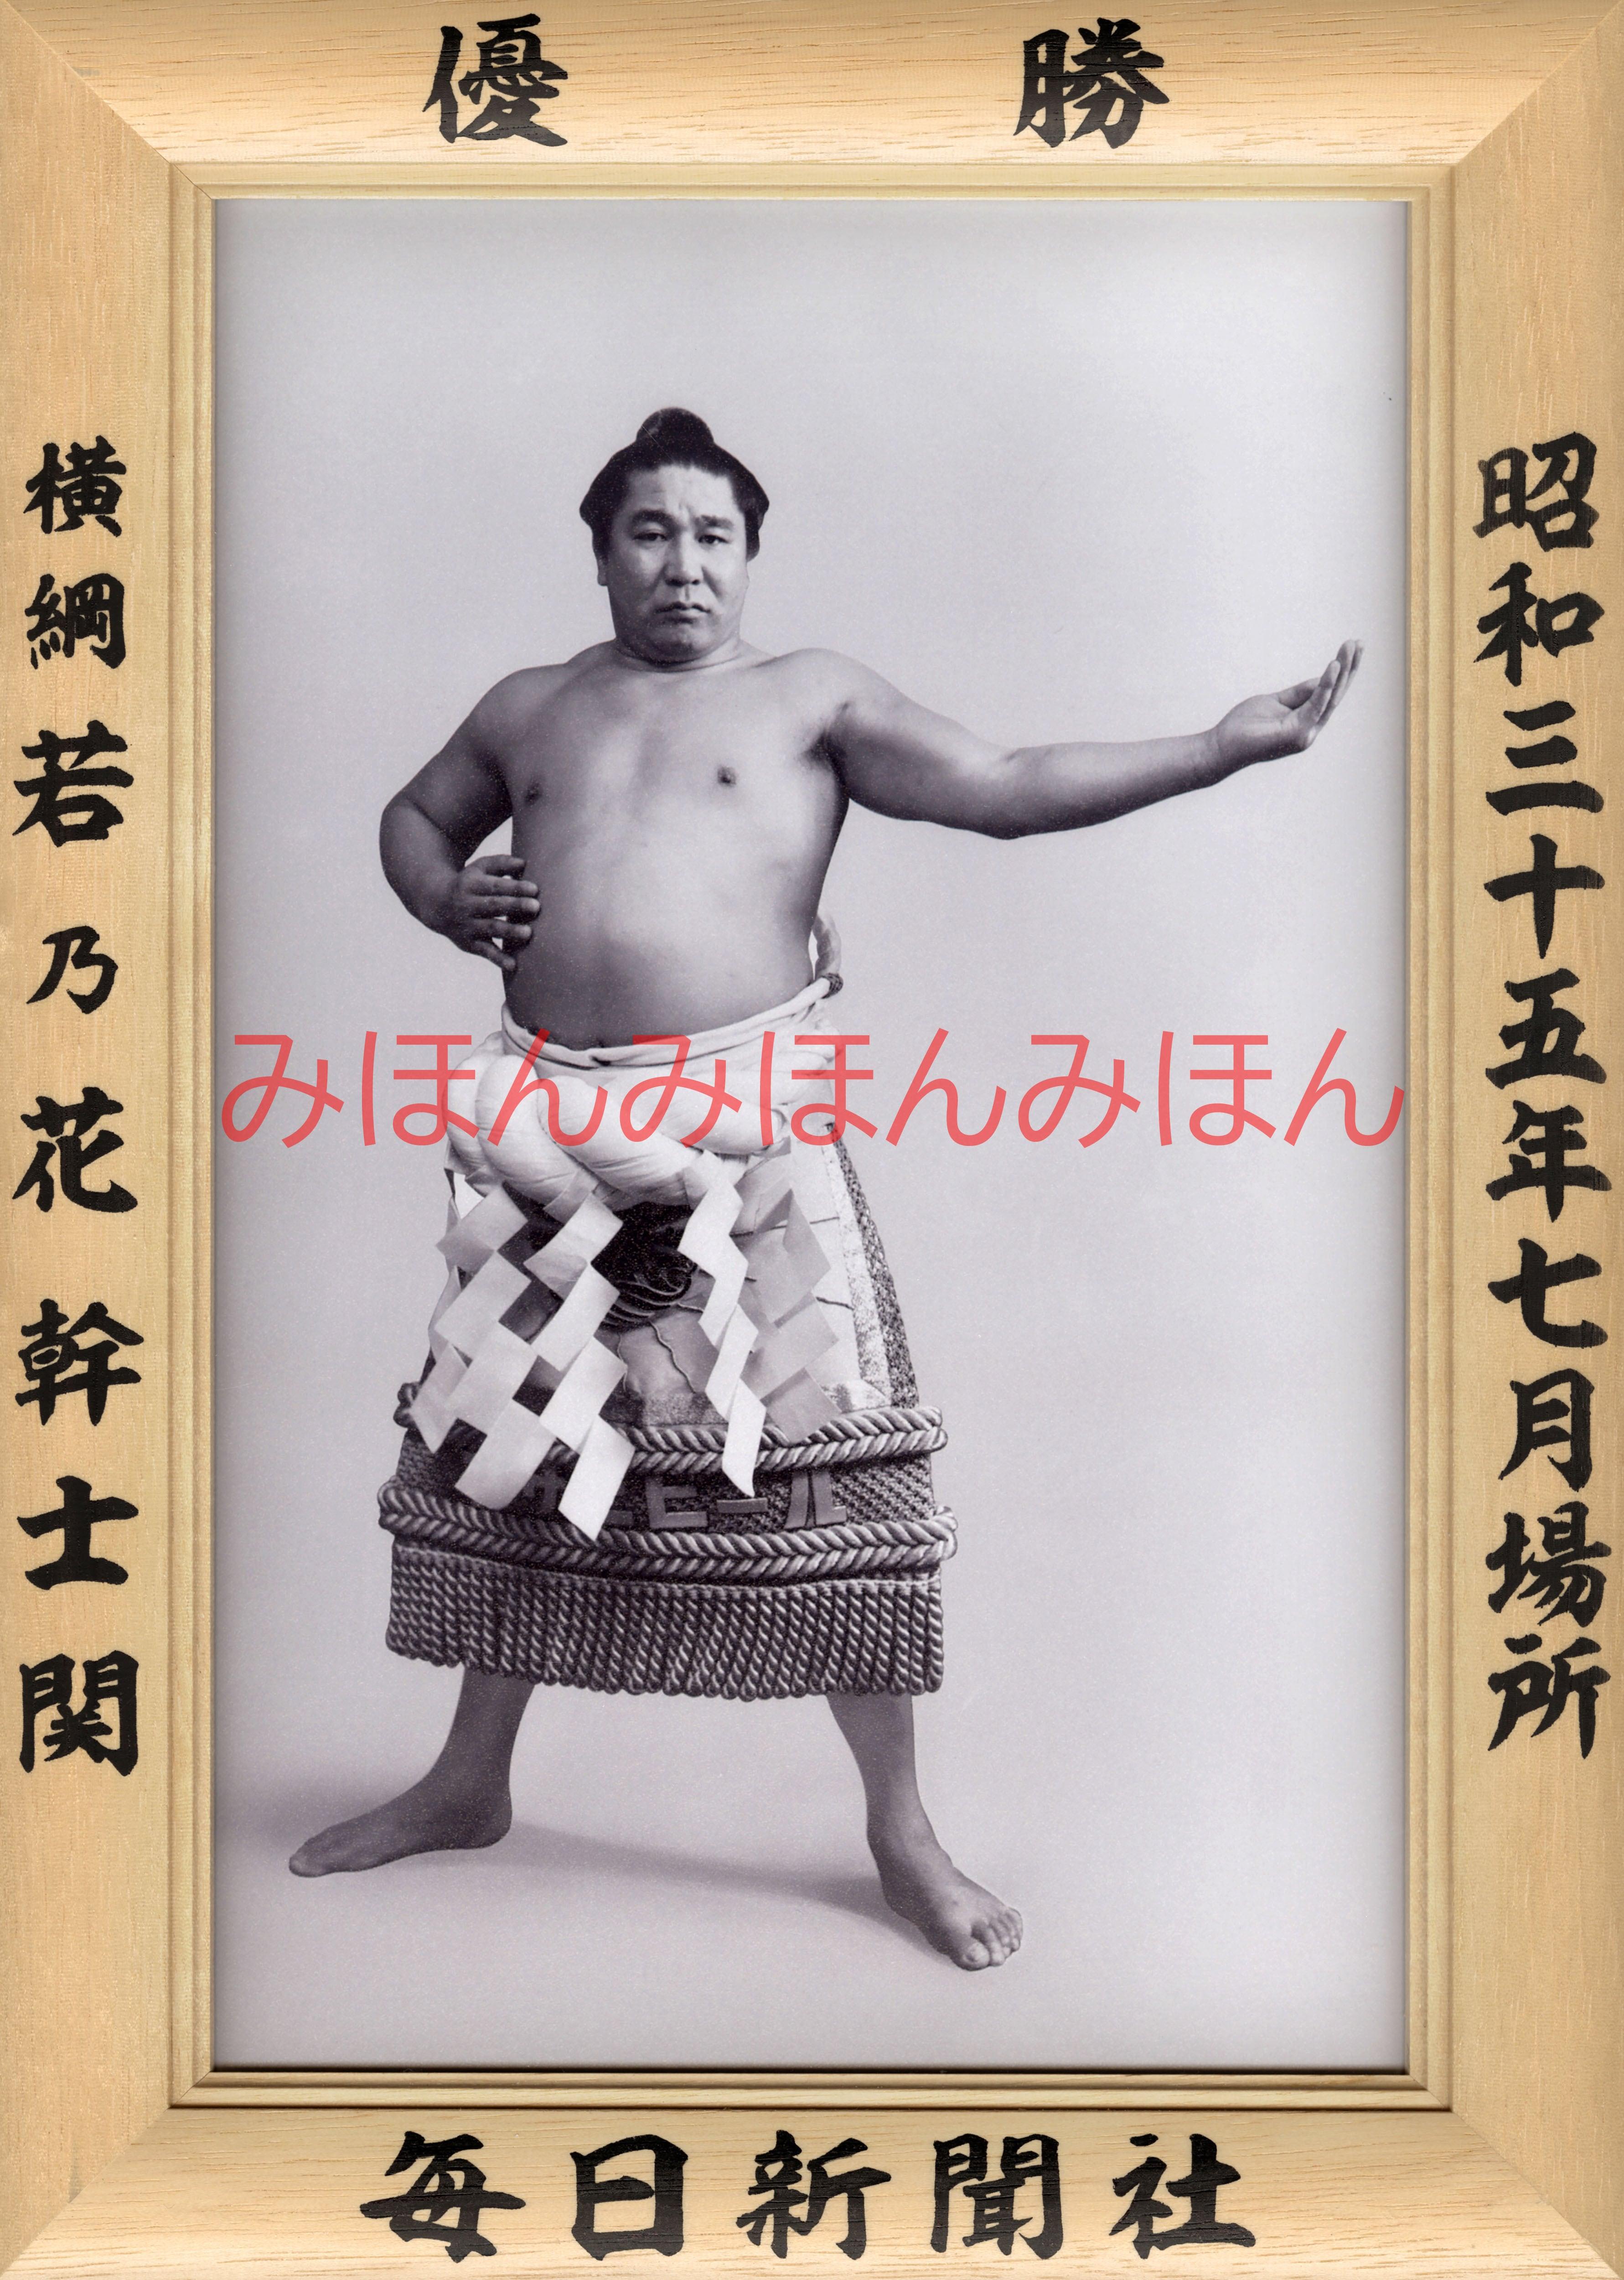 昭和35年7月場所優勝 横綱 若乃花幹士関(9回目の優勝)